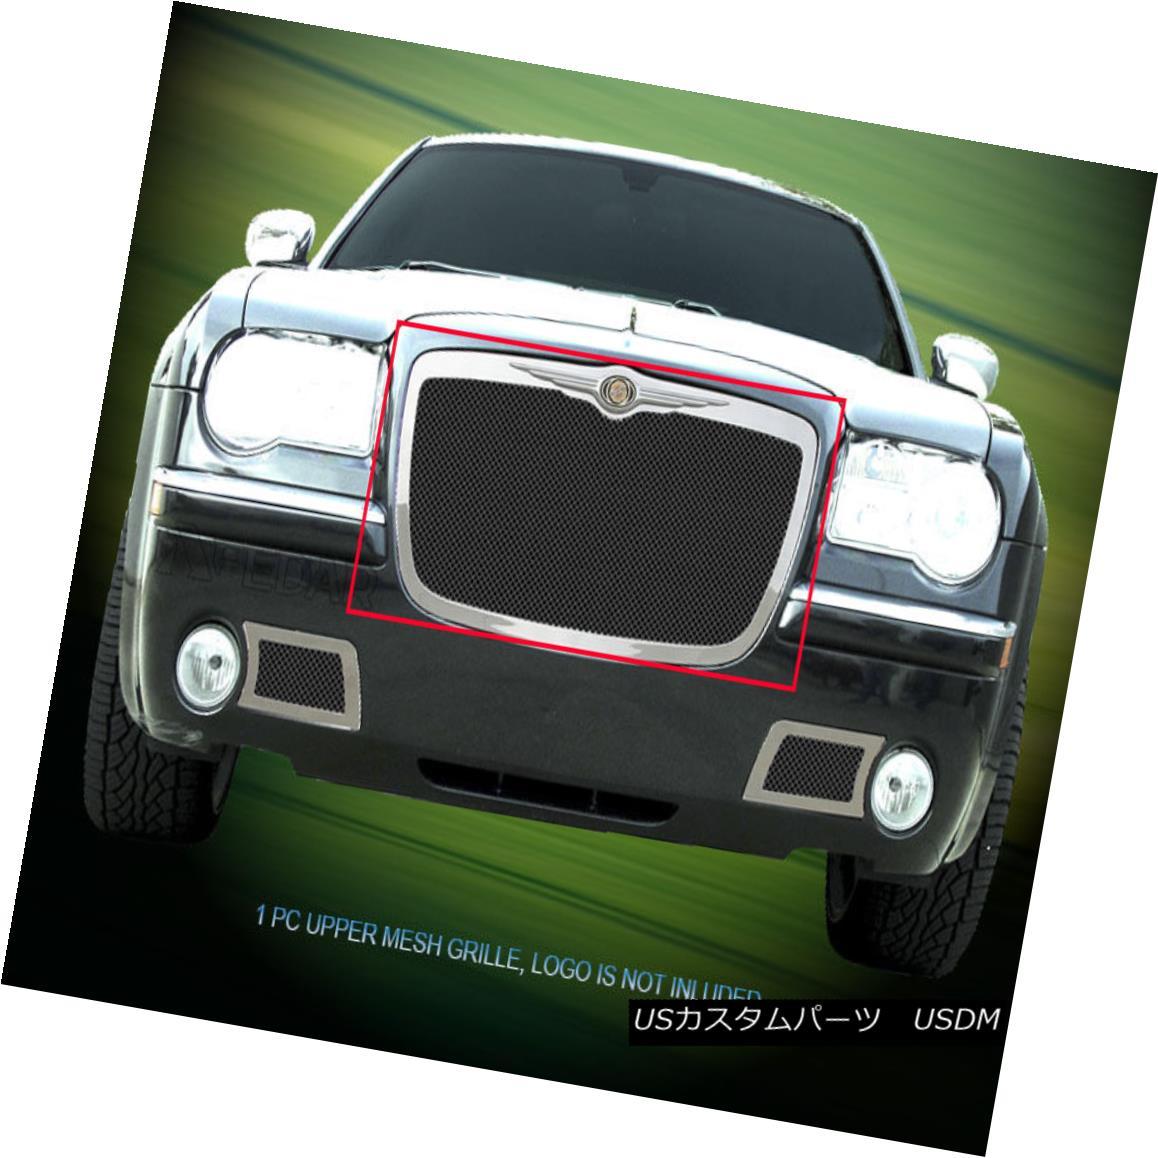 グリル Fedar Fits 2005-2010 Chrysler 300/300C Black Replacement Wire Mesh Grille Insert Fedar適合2005-2010クライスラー300 / 300Cブラック交換ワイヤーメッシュグリルインサート